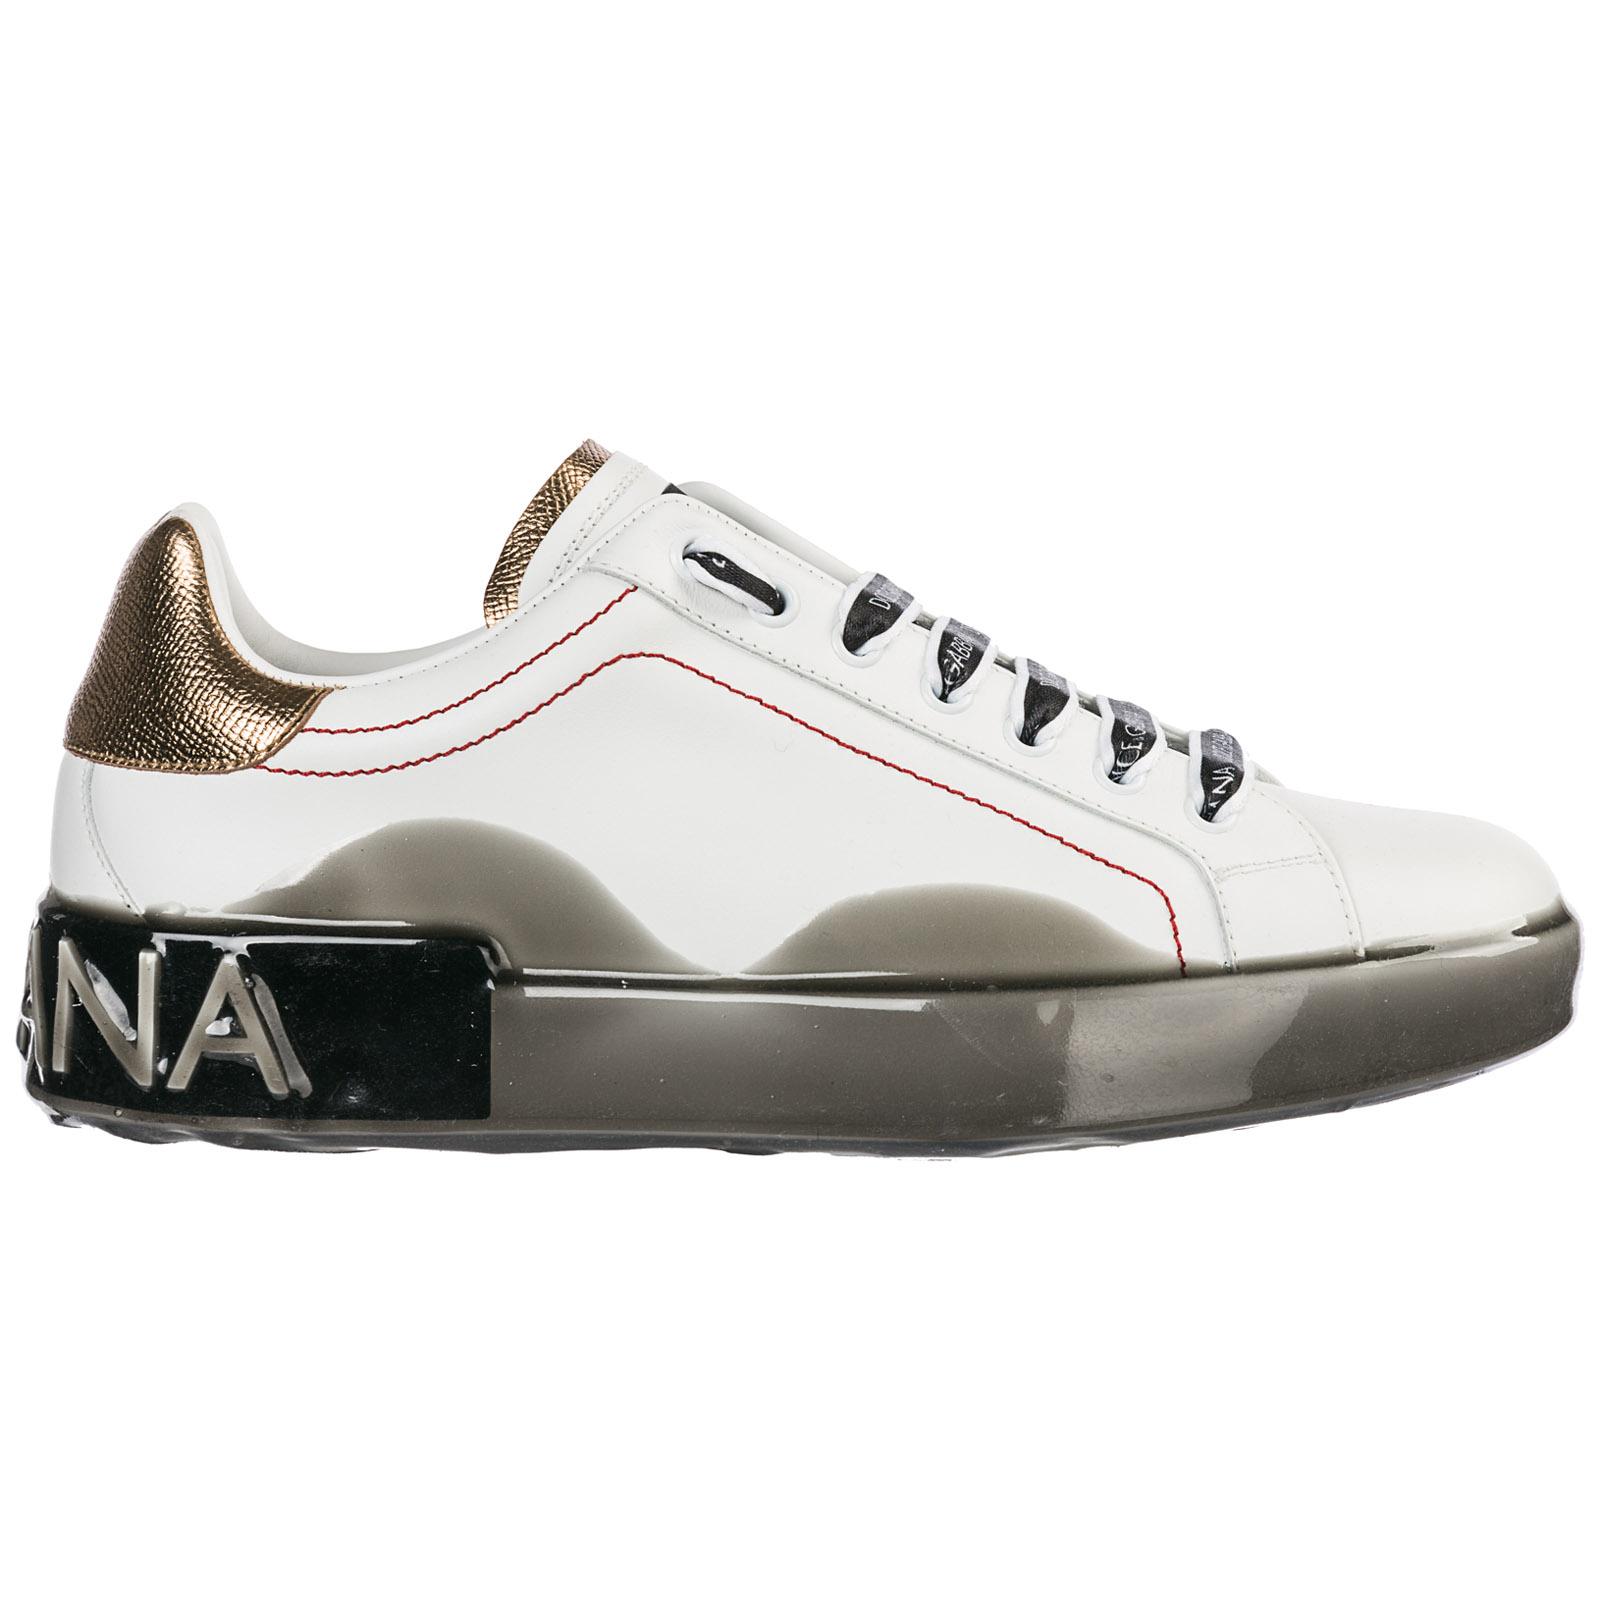 sale retailer c0314 ba741 Herrenschuhe herren leder schuhe sneakers portofino